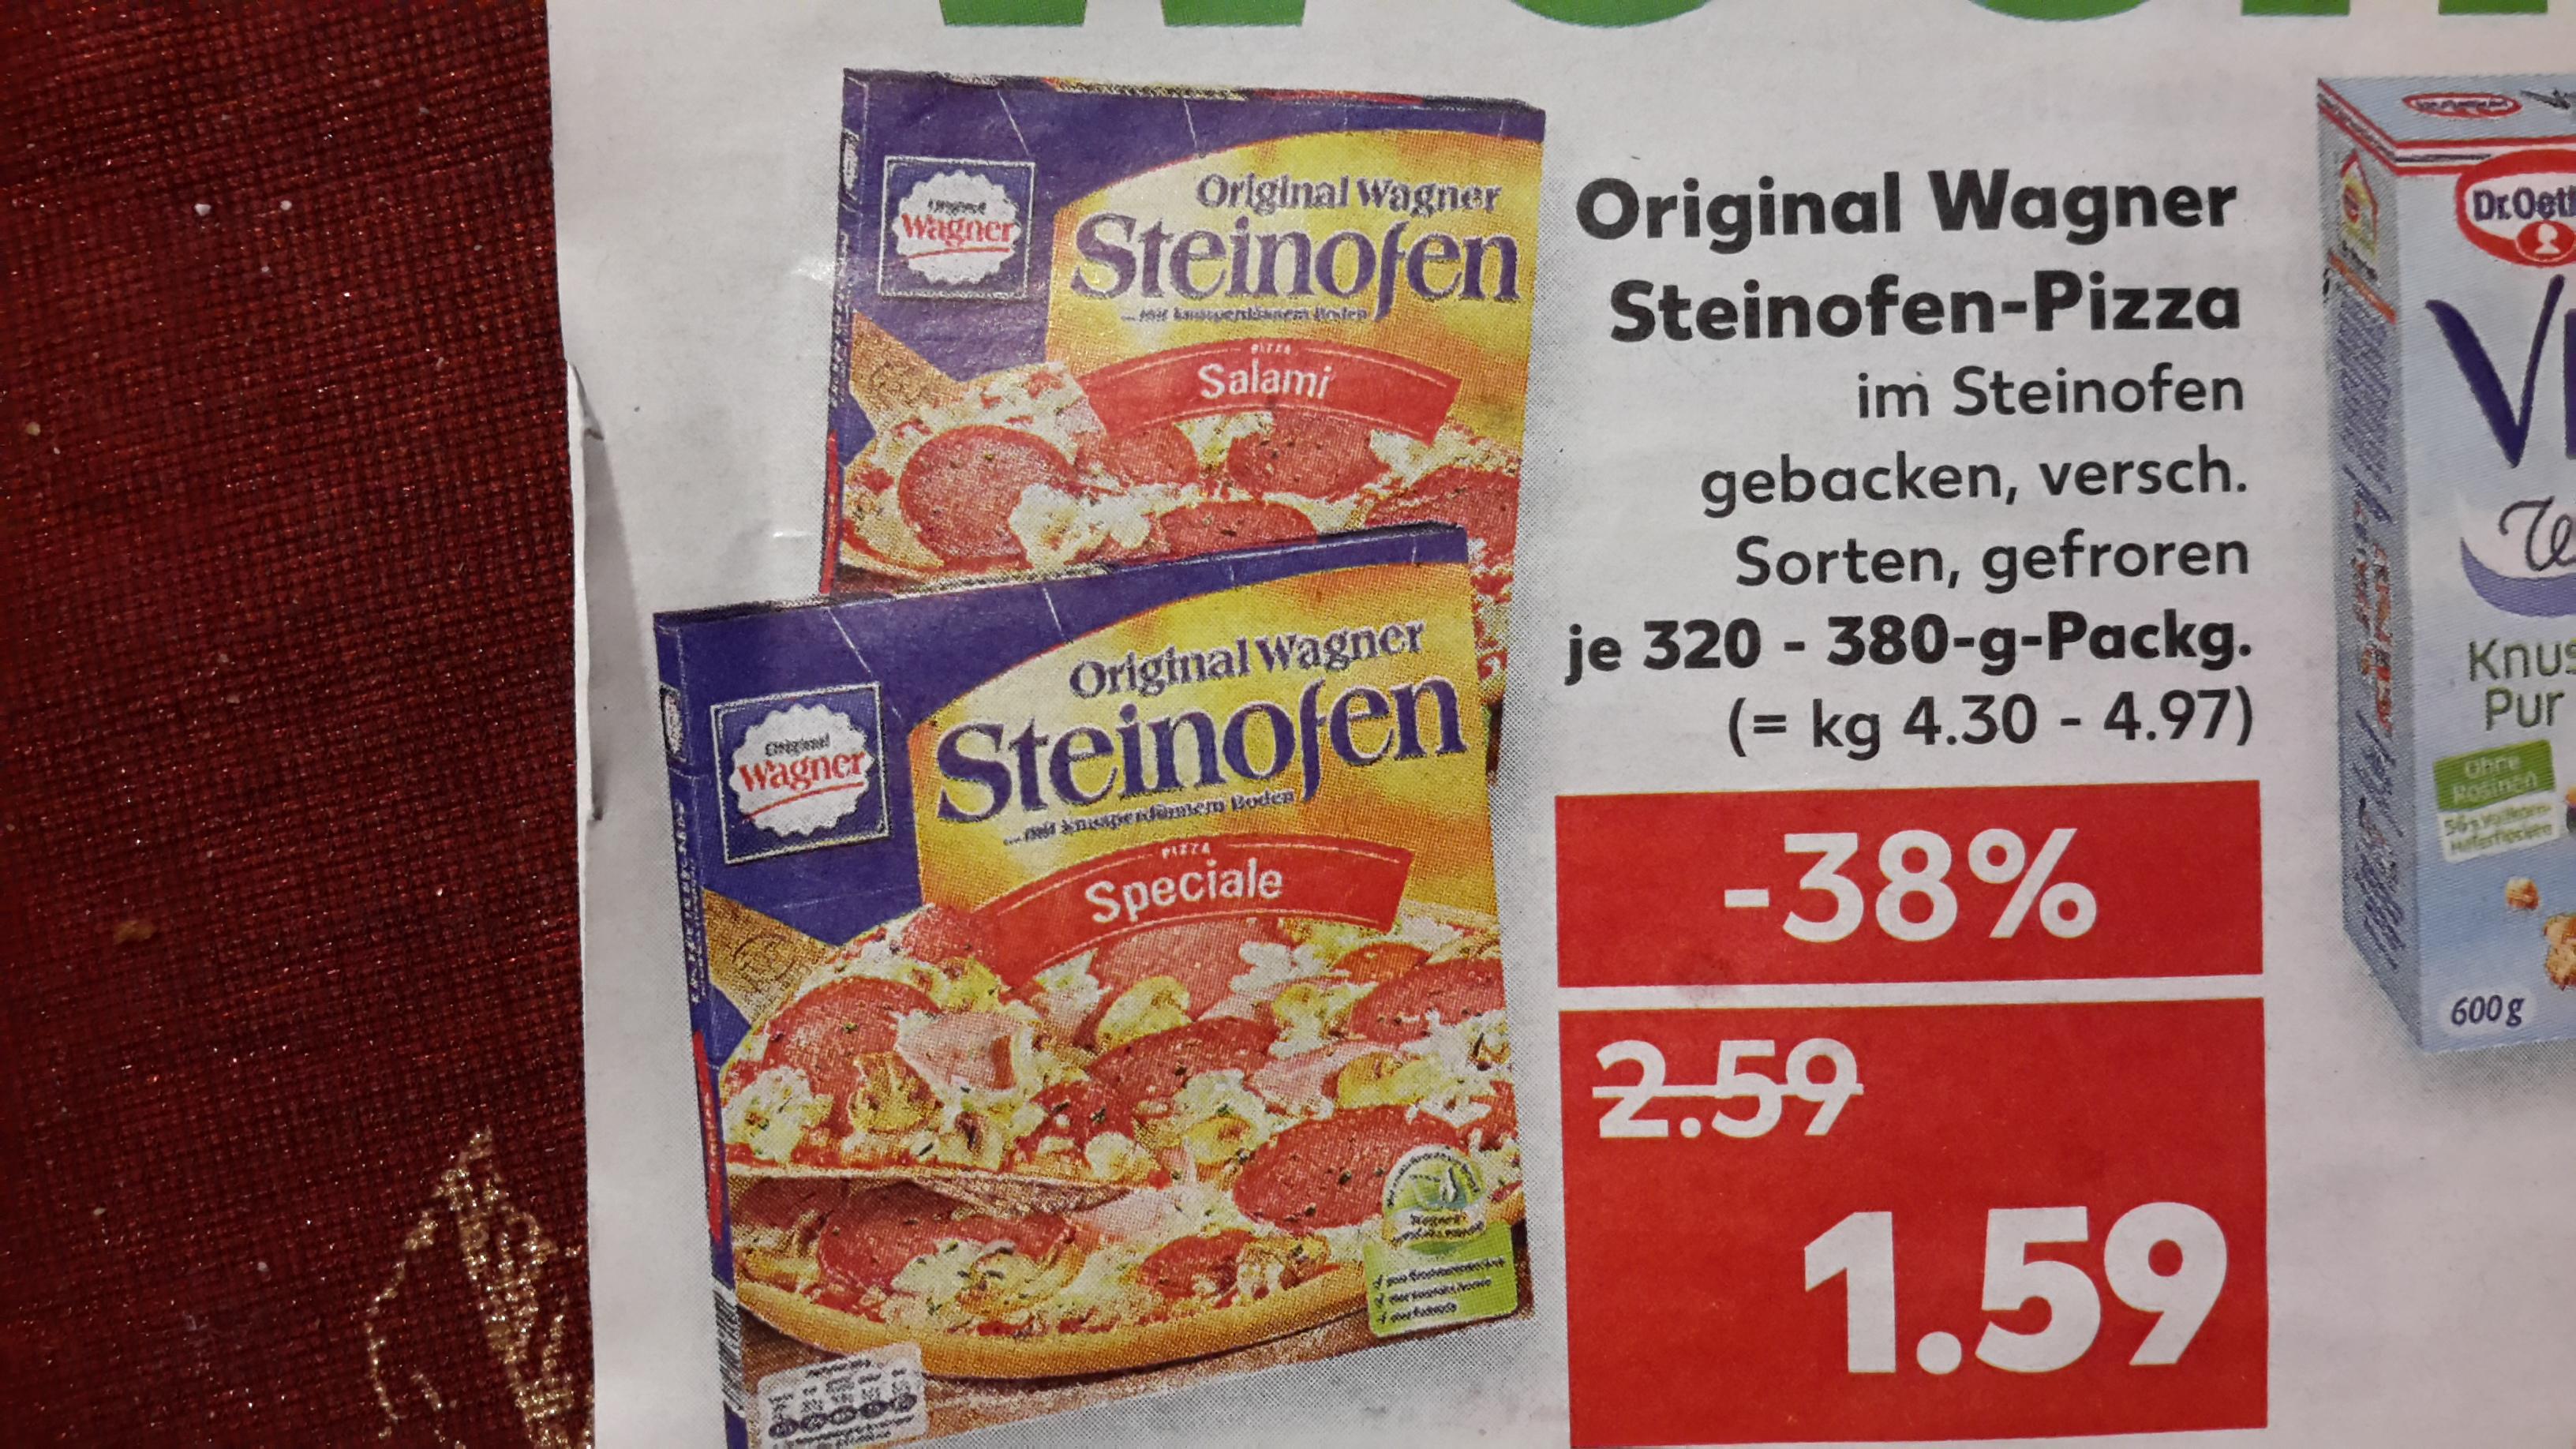 [Kaufland] Wagner Steinofen-Pizza verschiedene Sorten ab 30.01.17 für 1,59€.